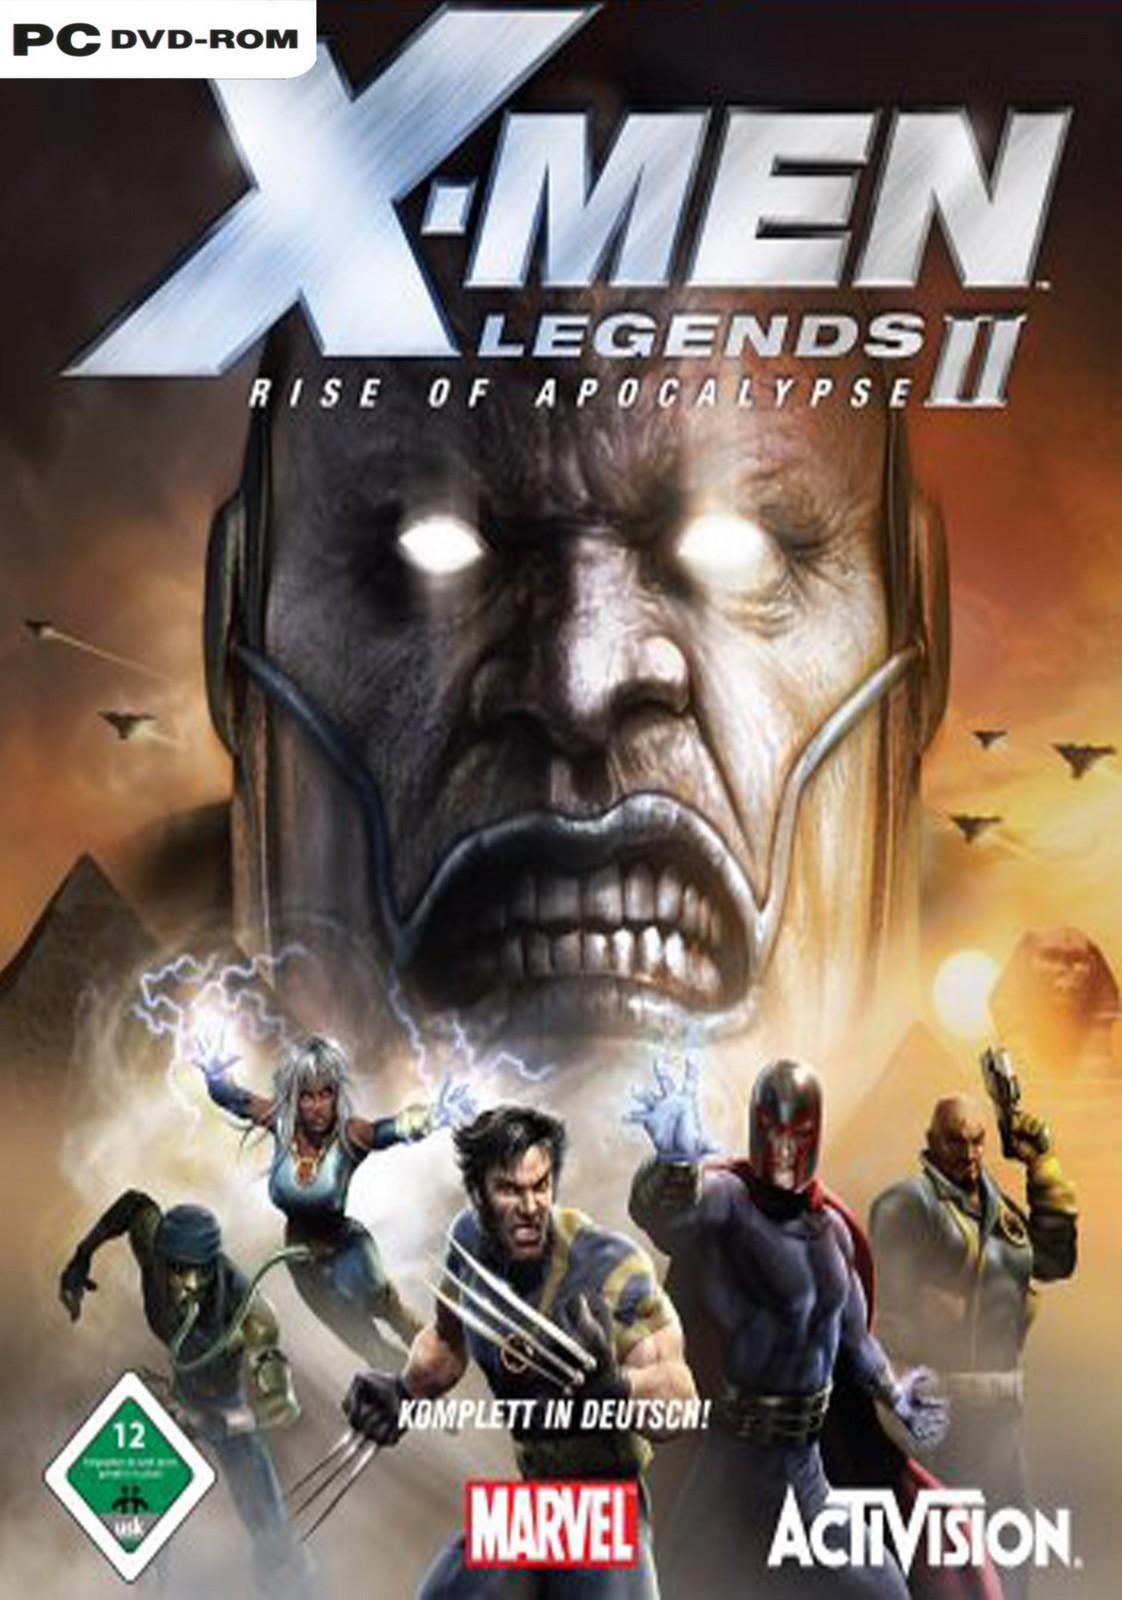 Rise Of Apocalypse Movie Filmovízia: X-Men...